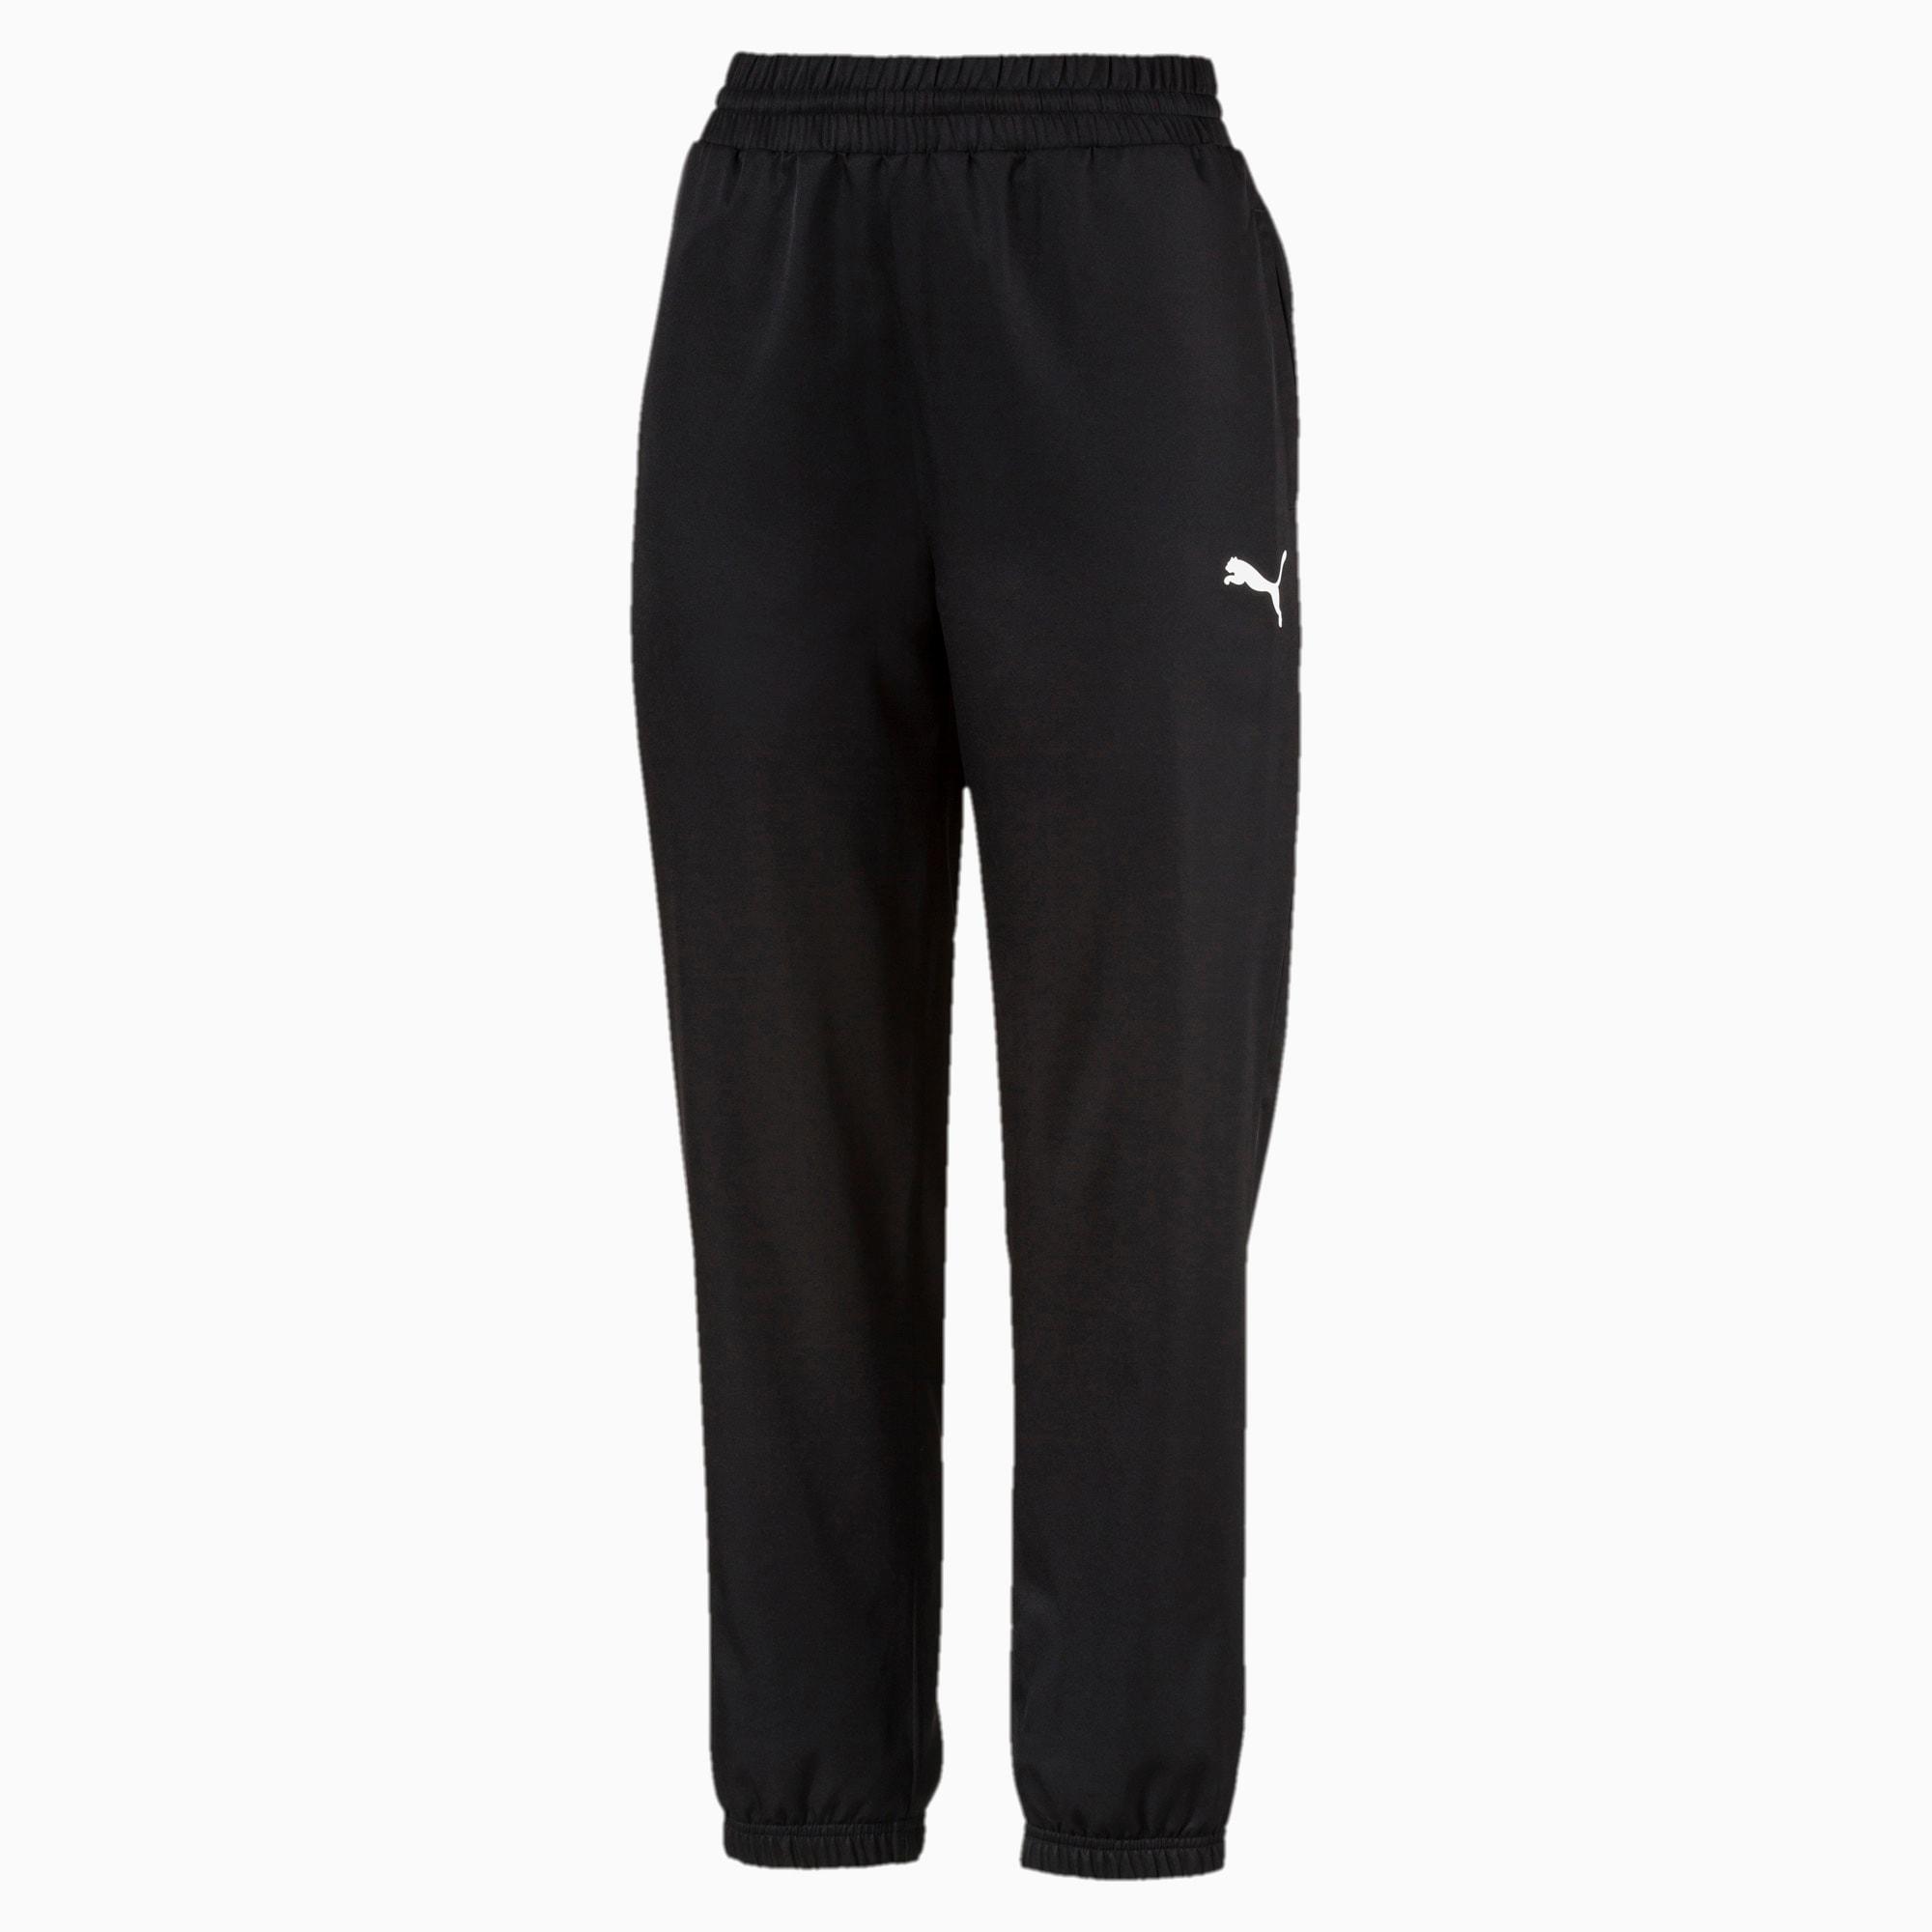 Geweven Active broek voor Dames, Zwart, Maat M   PUMA